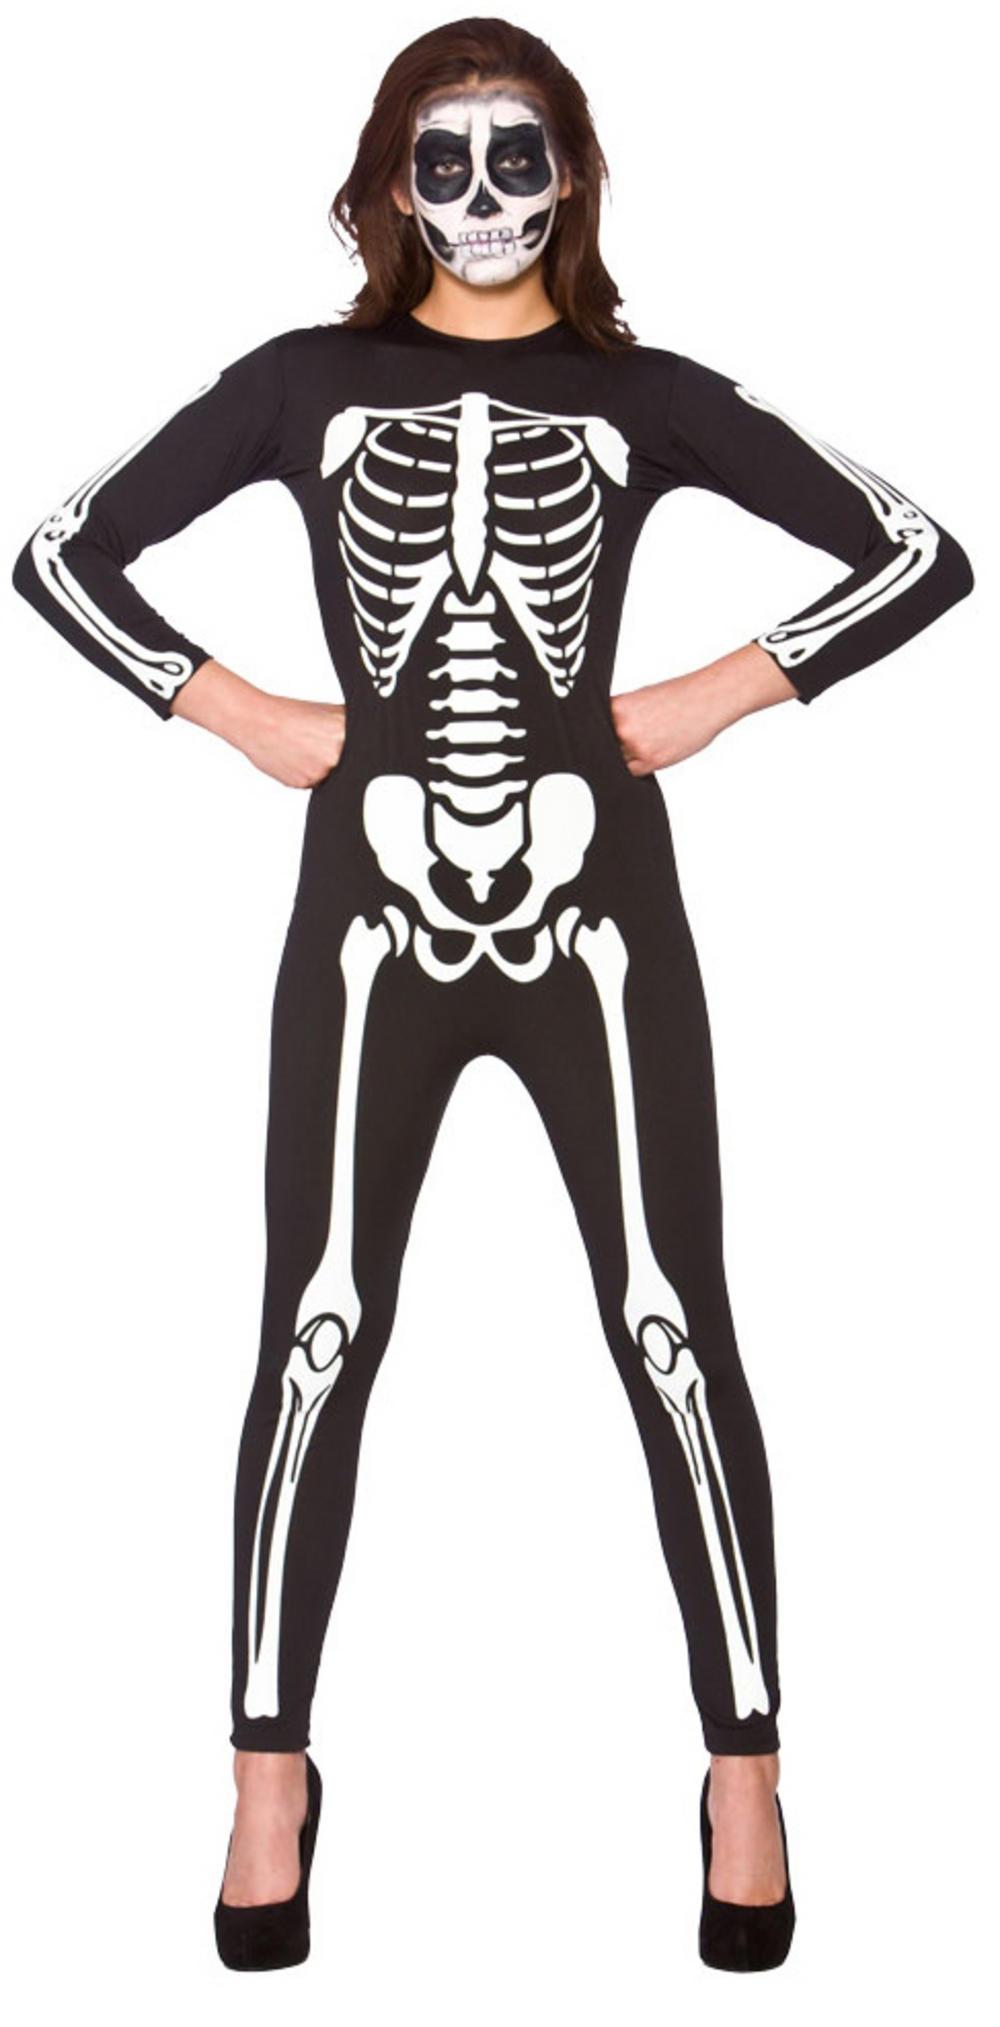 Skeleton Jumpsuit Adults Costume